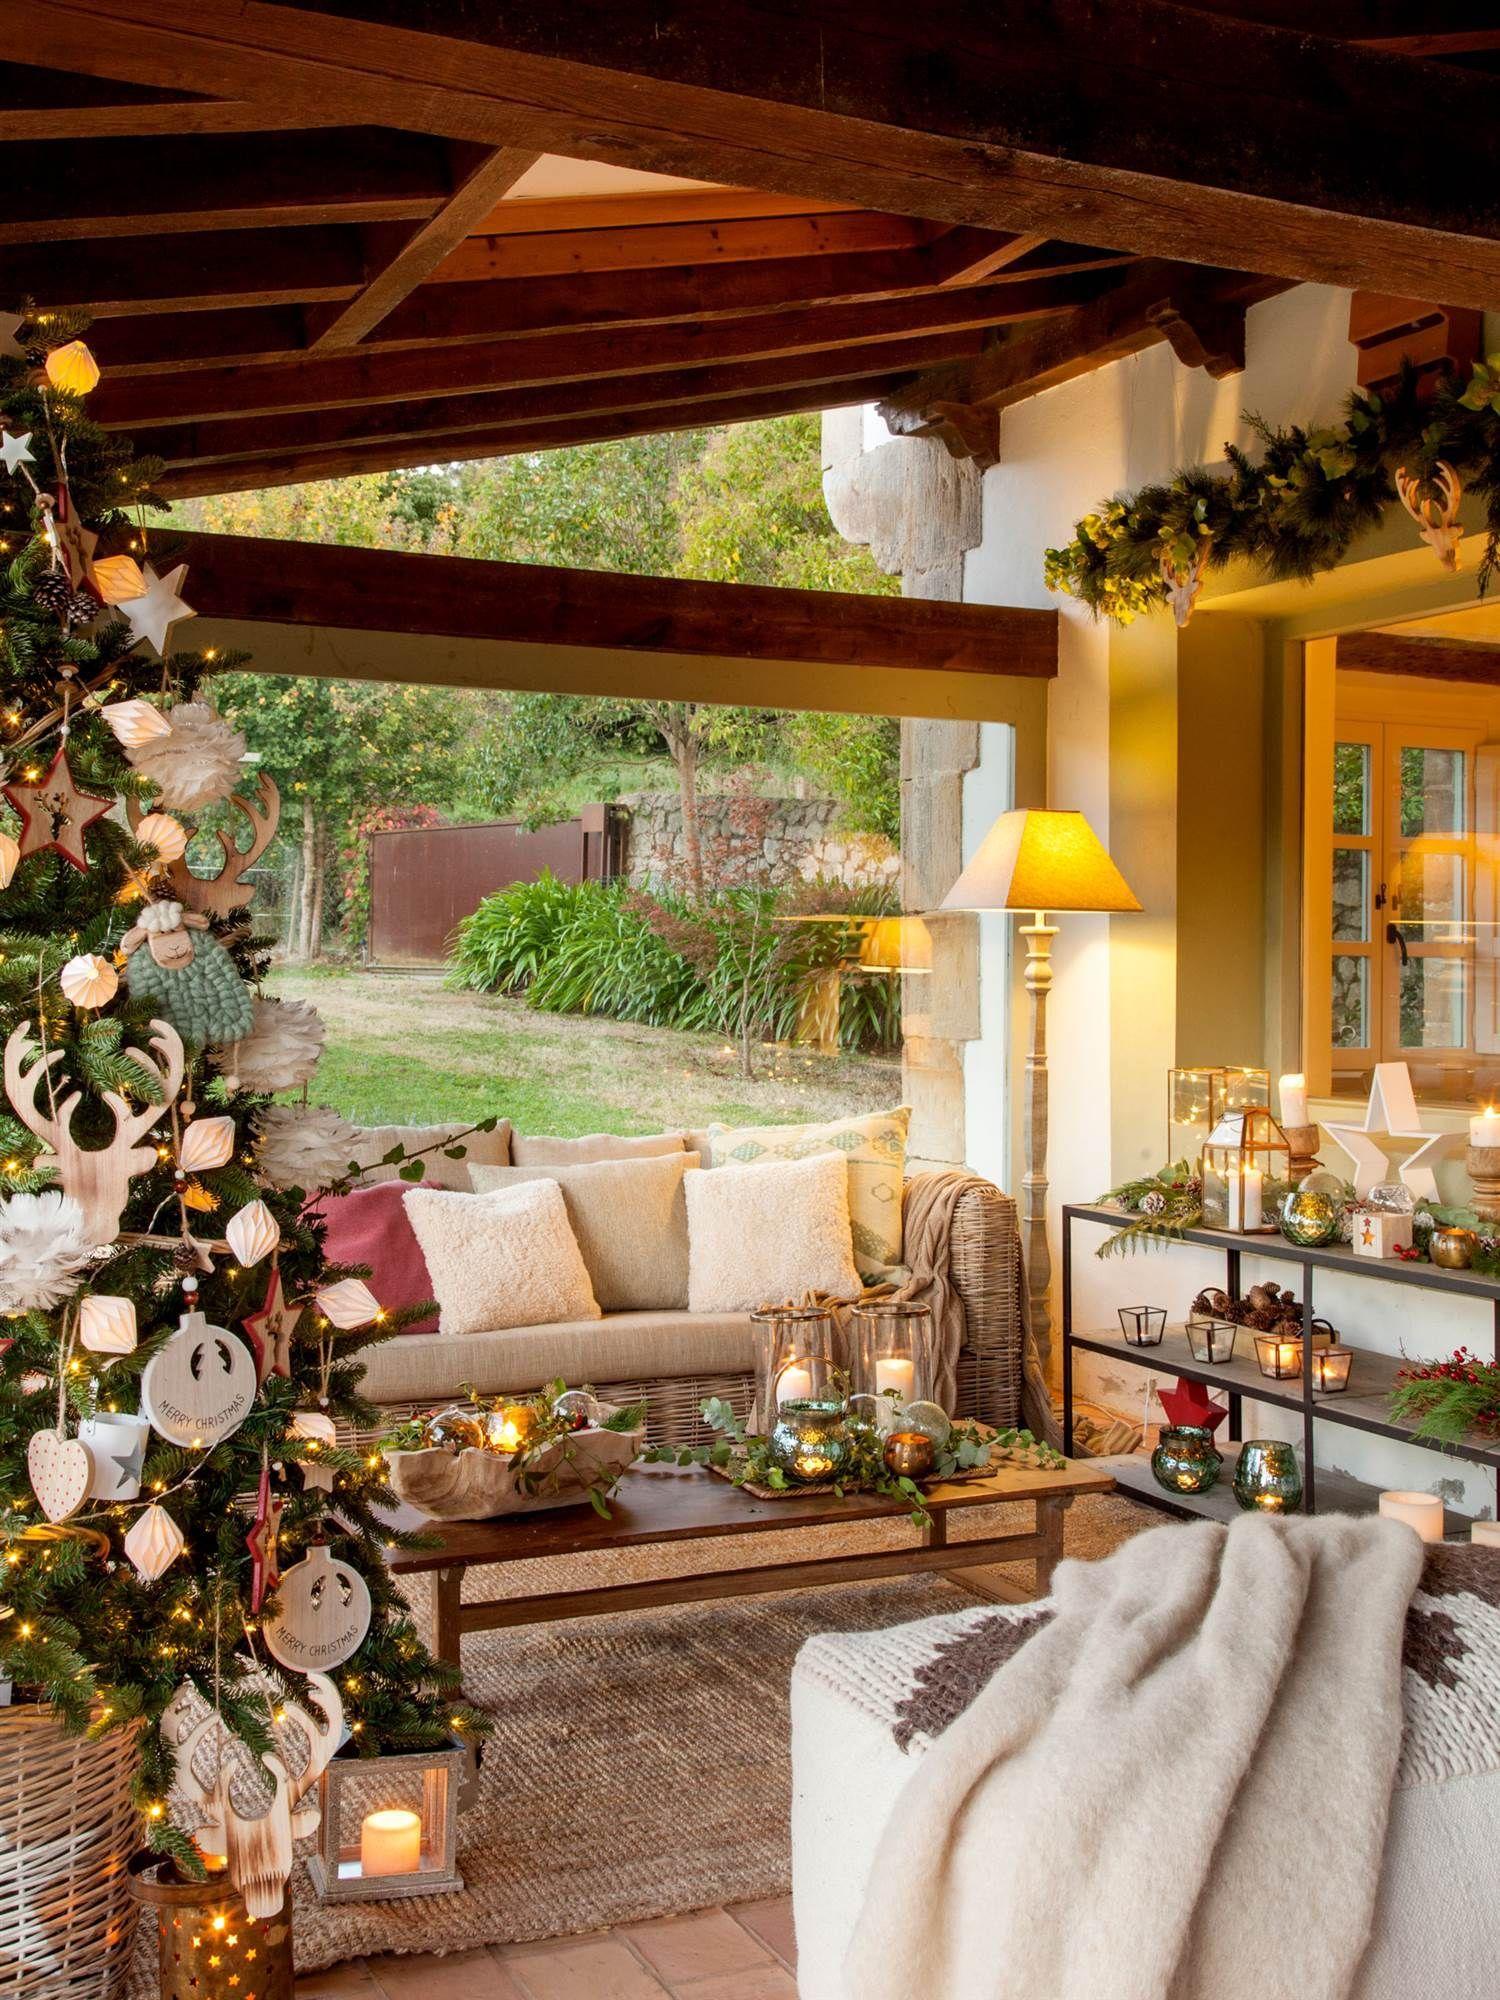 Photo of 00445079 O. Porche rústico decorado de Navidad 00445079 O Arte